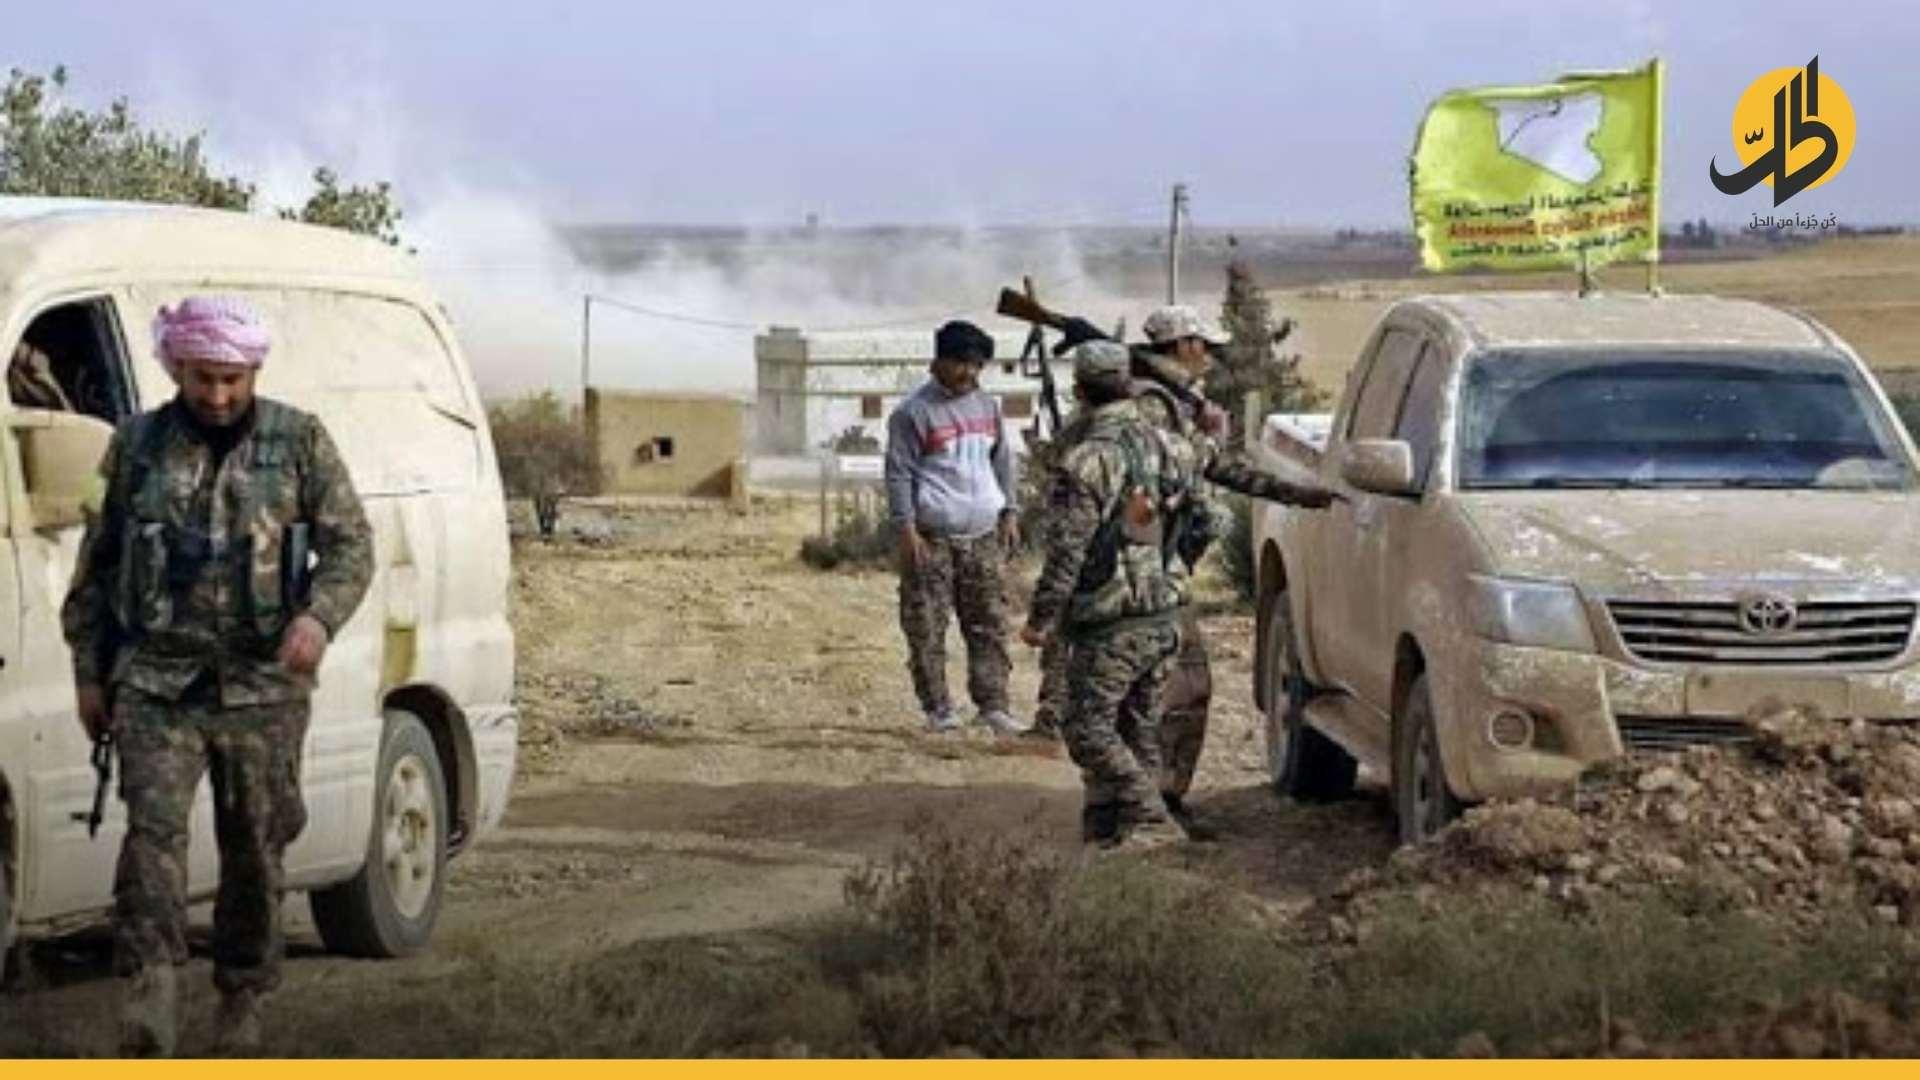 بمراقبةٍ جوية من التحالف.. (قسد) تُعلن اعتقال 17 من عناصر «داعش» في دير الزور